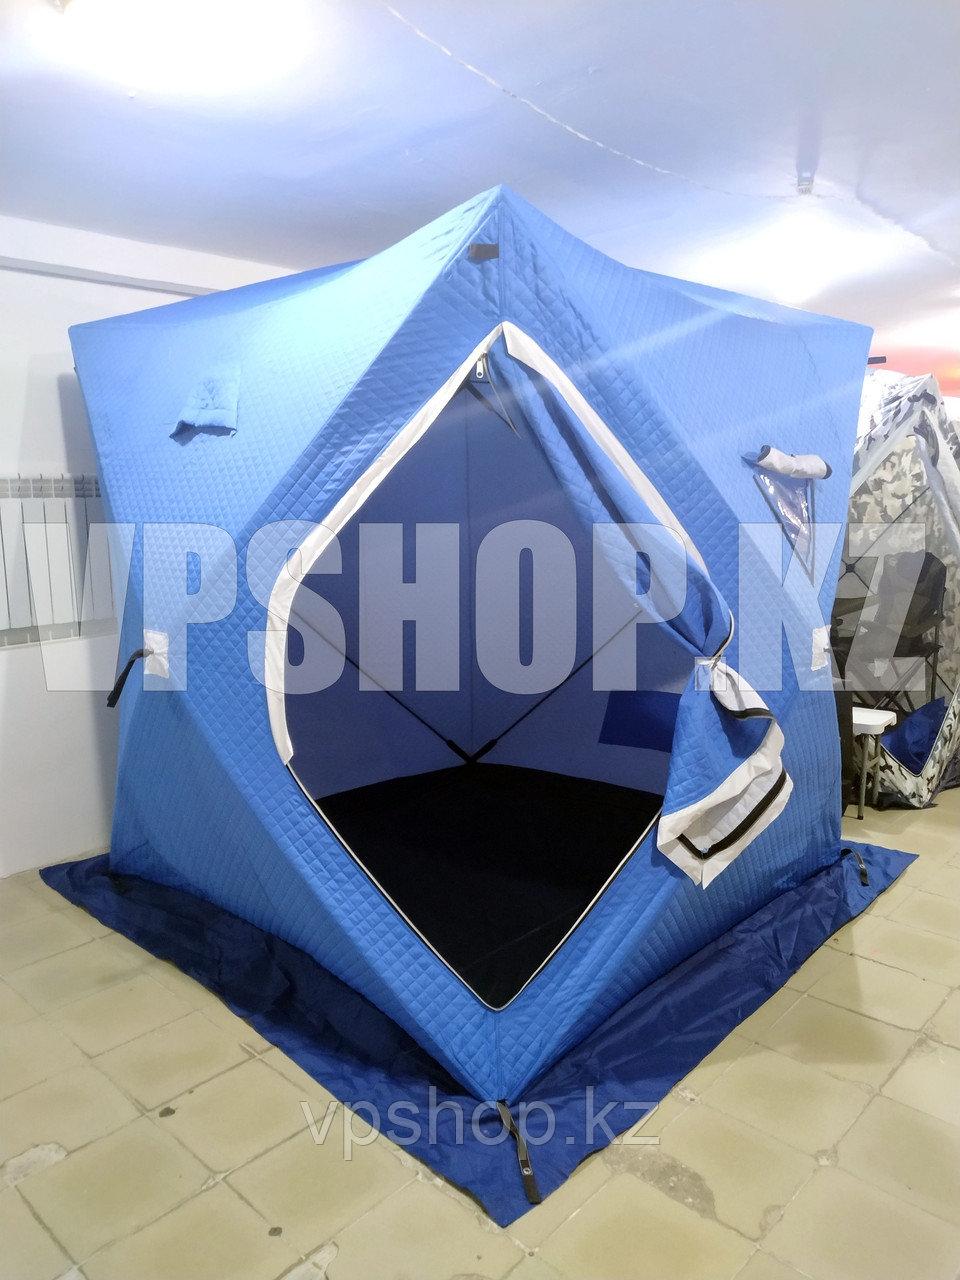 КУБ палатка с дном(пол) утепленная 2х2 с синтепоном, доставка